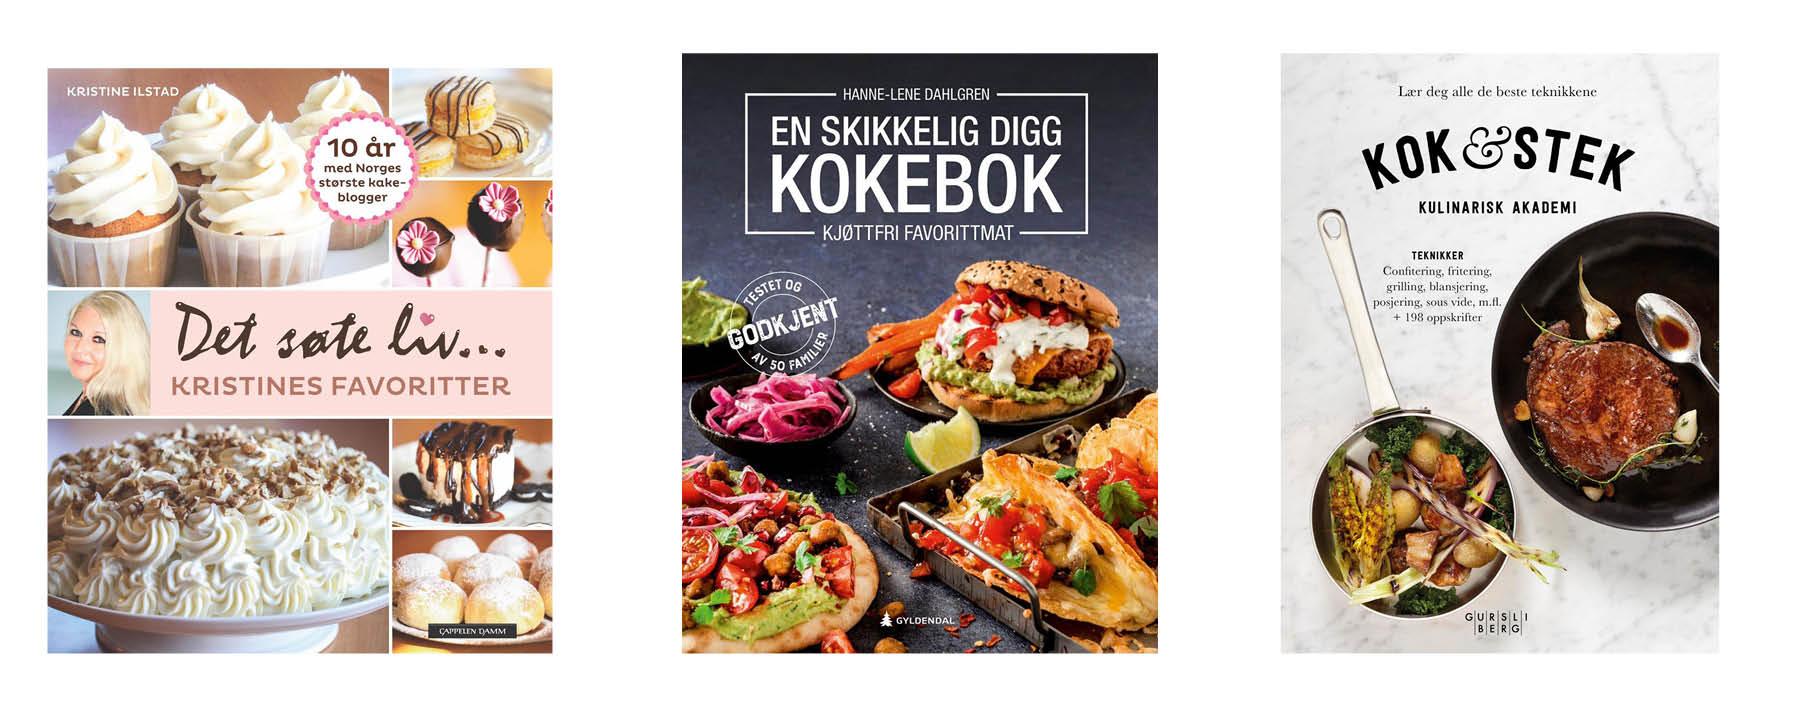 MAMMUT salg kokeboeker ARK